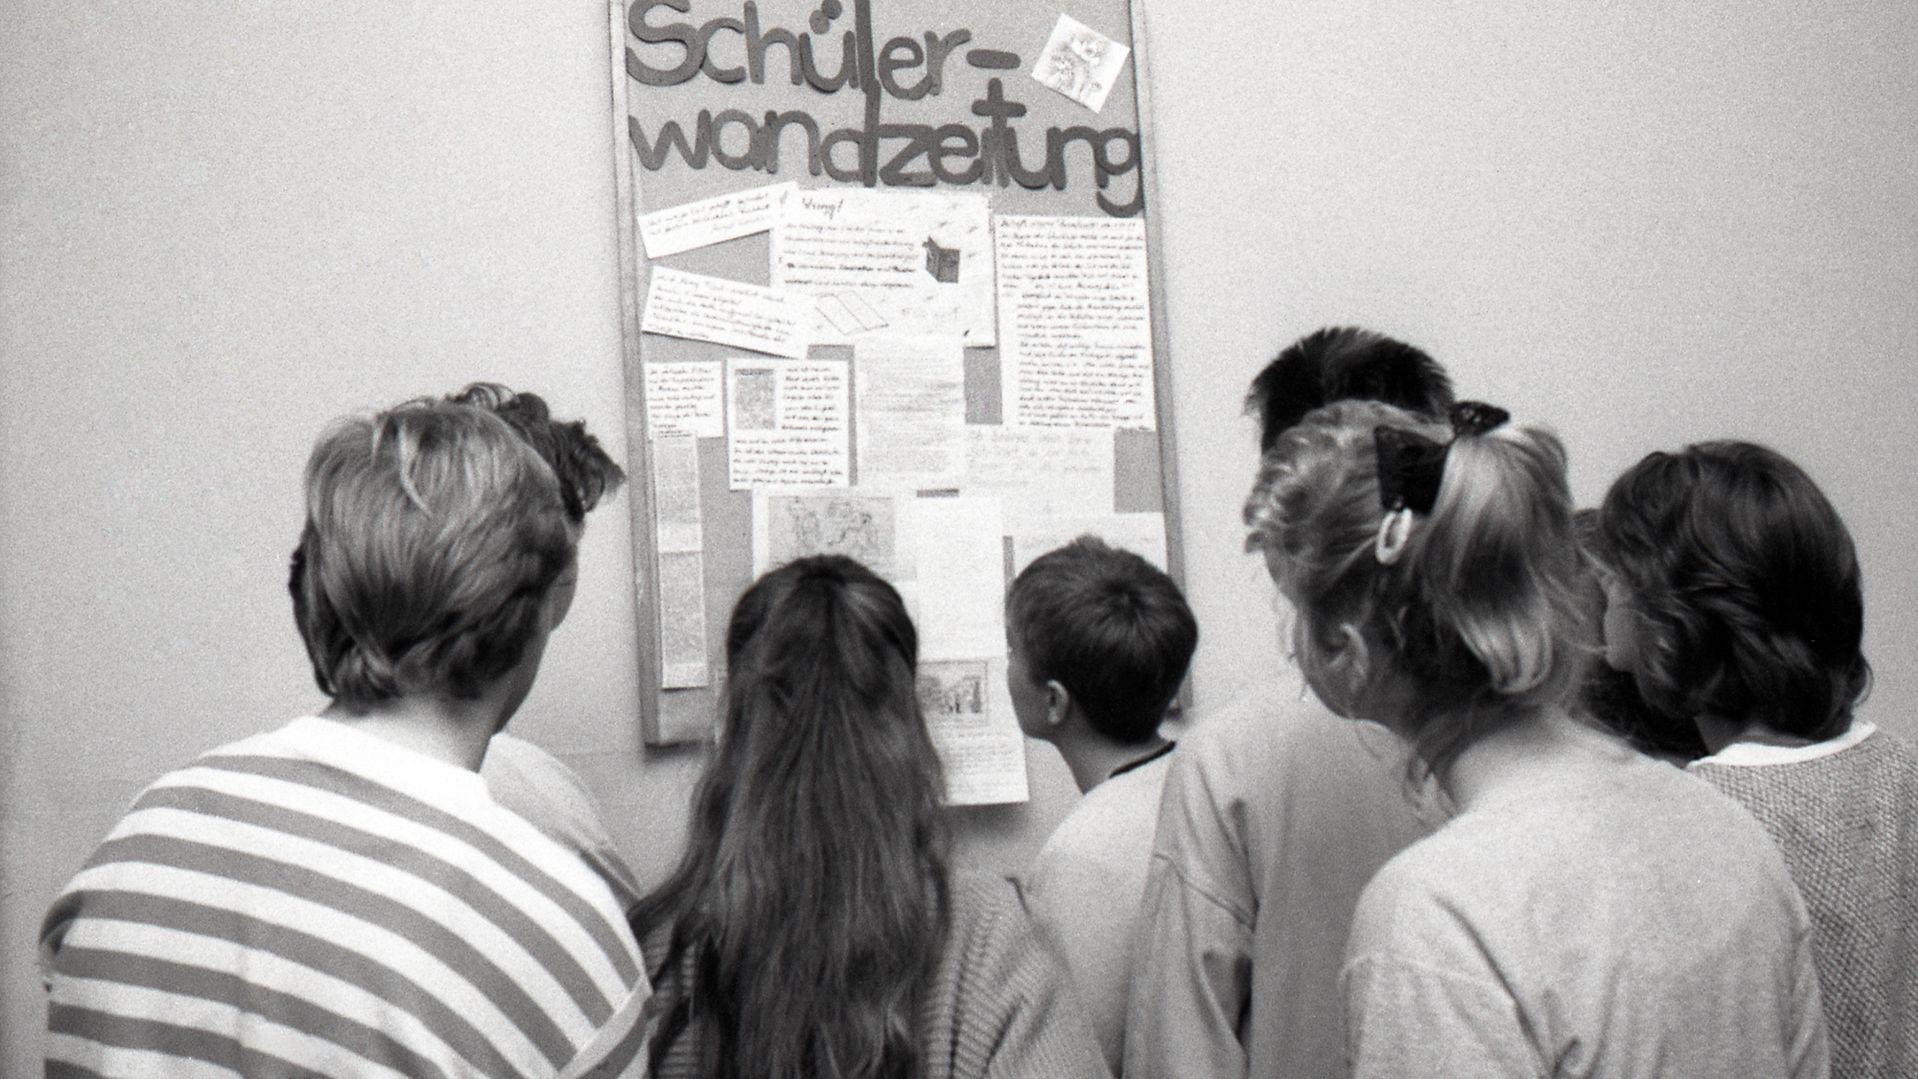 """Herbst 1989:  Bisher waren """"Wandzeitungen"""" Propagandainstrumente. Jetzt gestalten die Schüler sie selbst."""